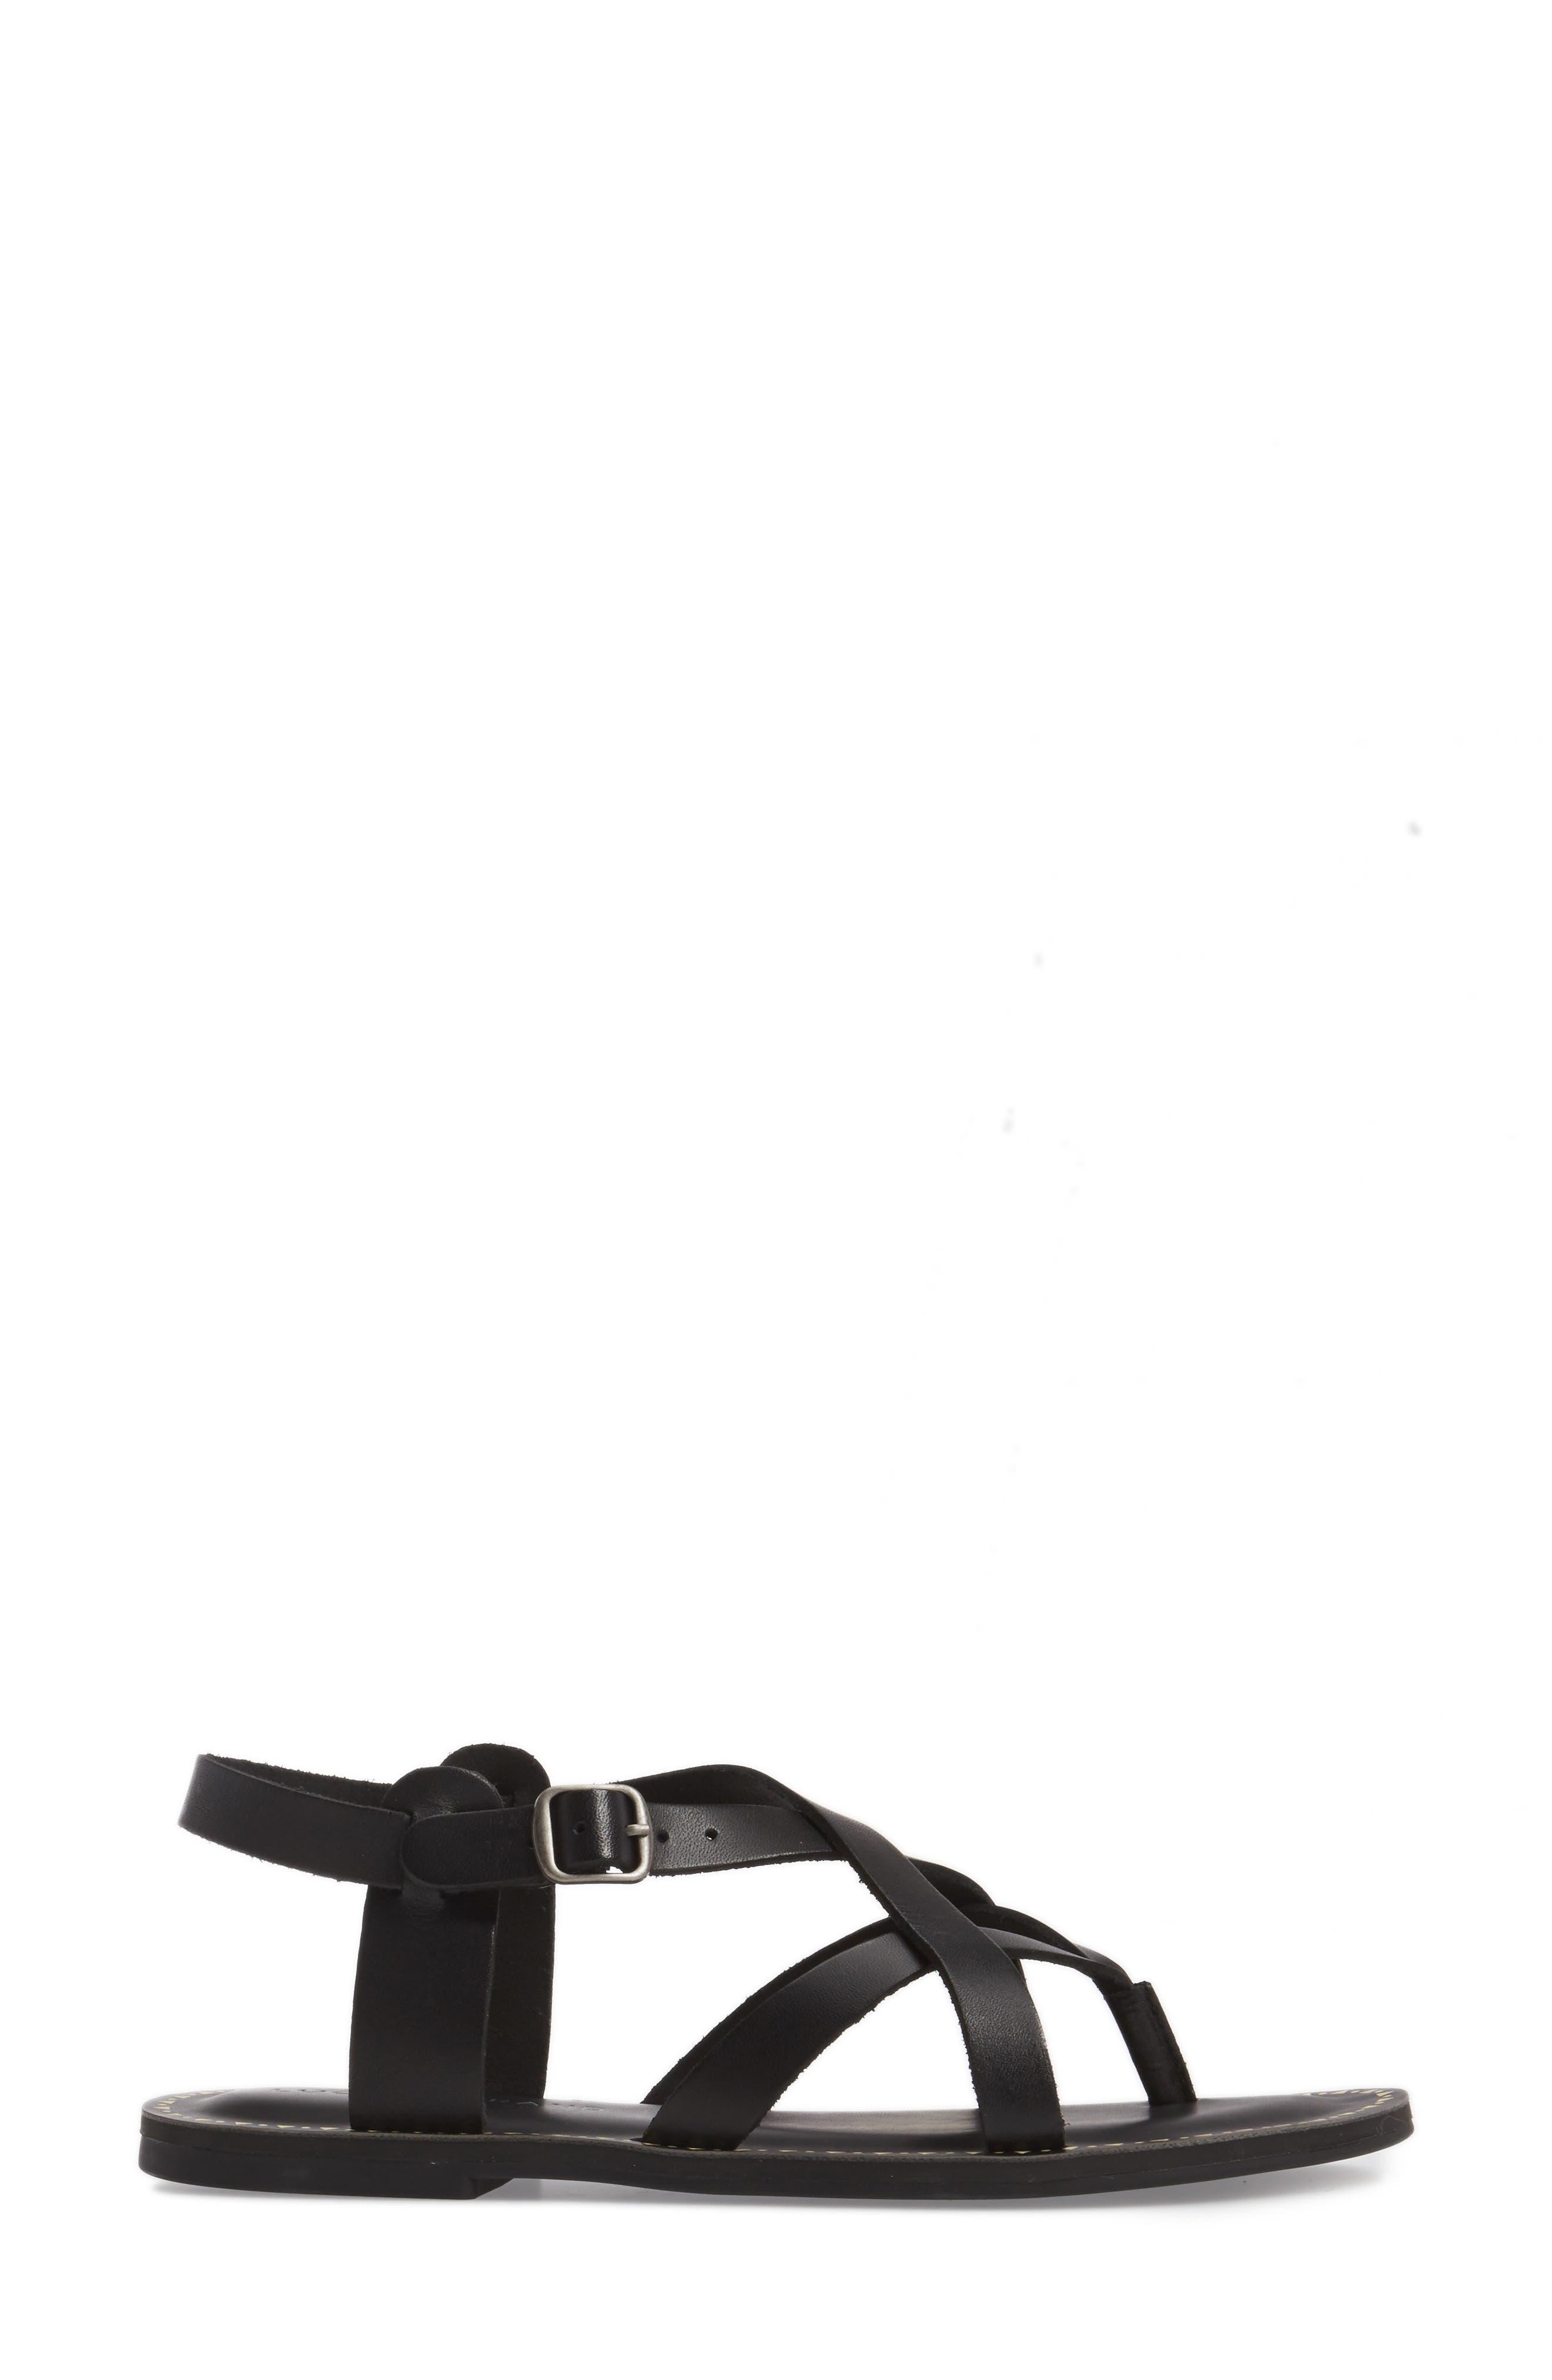 LUCKY BRAND, Adinis Flat Sandal, Alternate thumbnail 3, color, 001